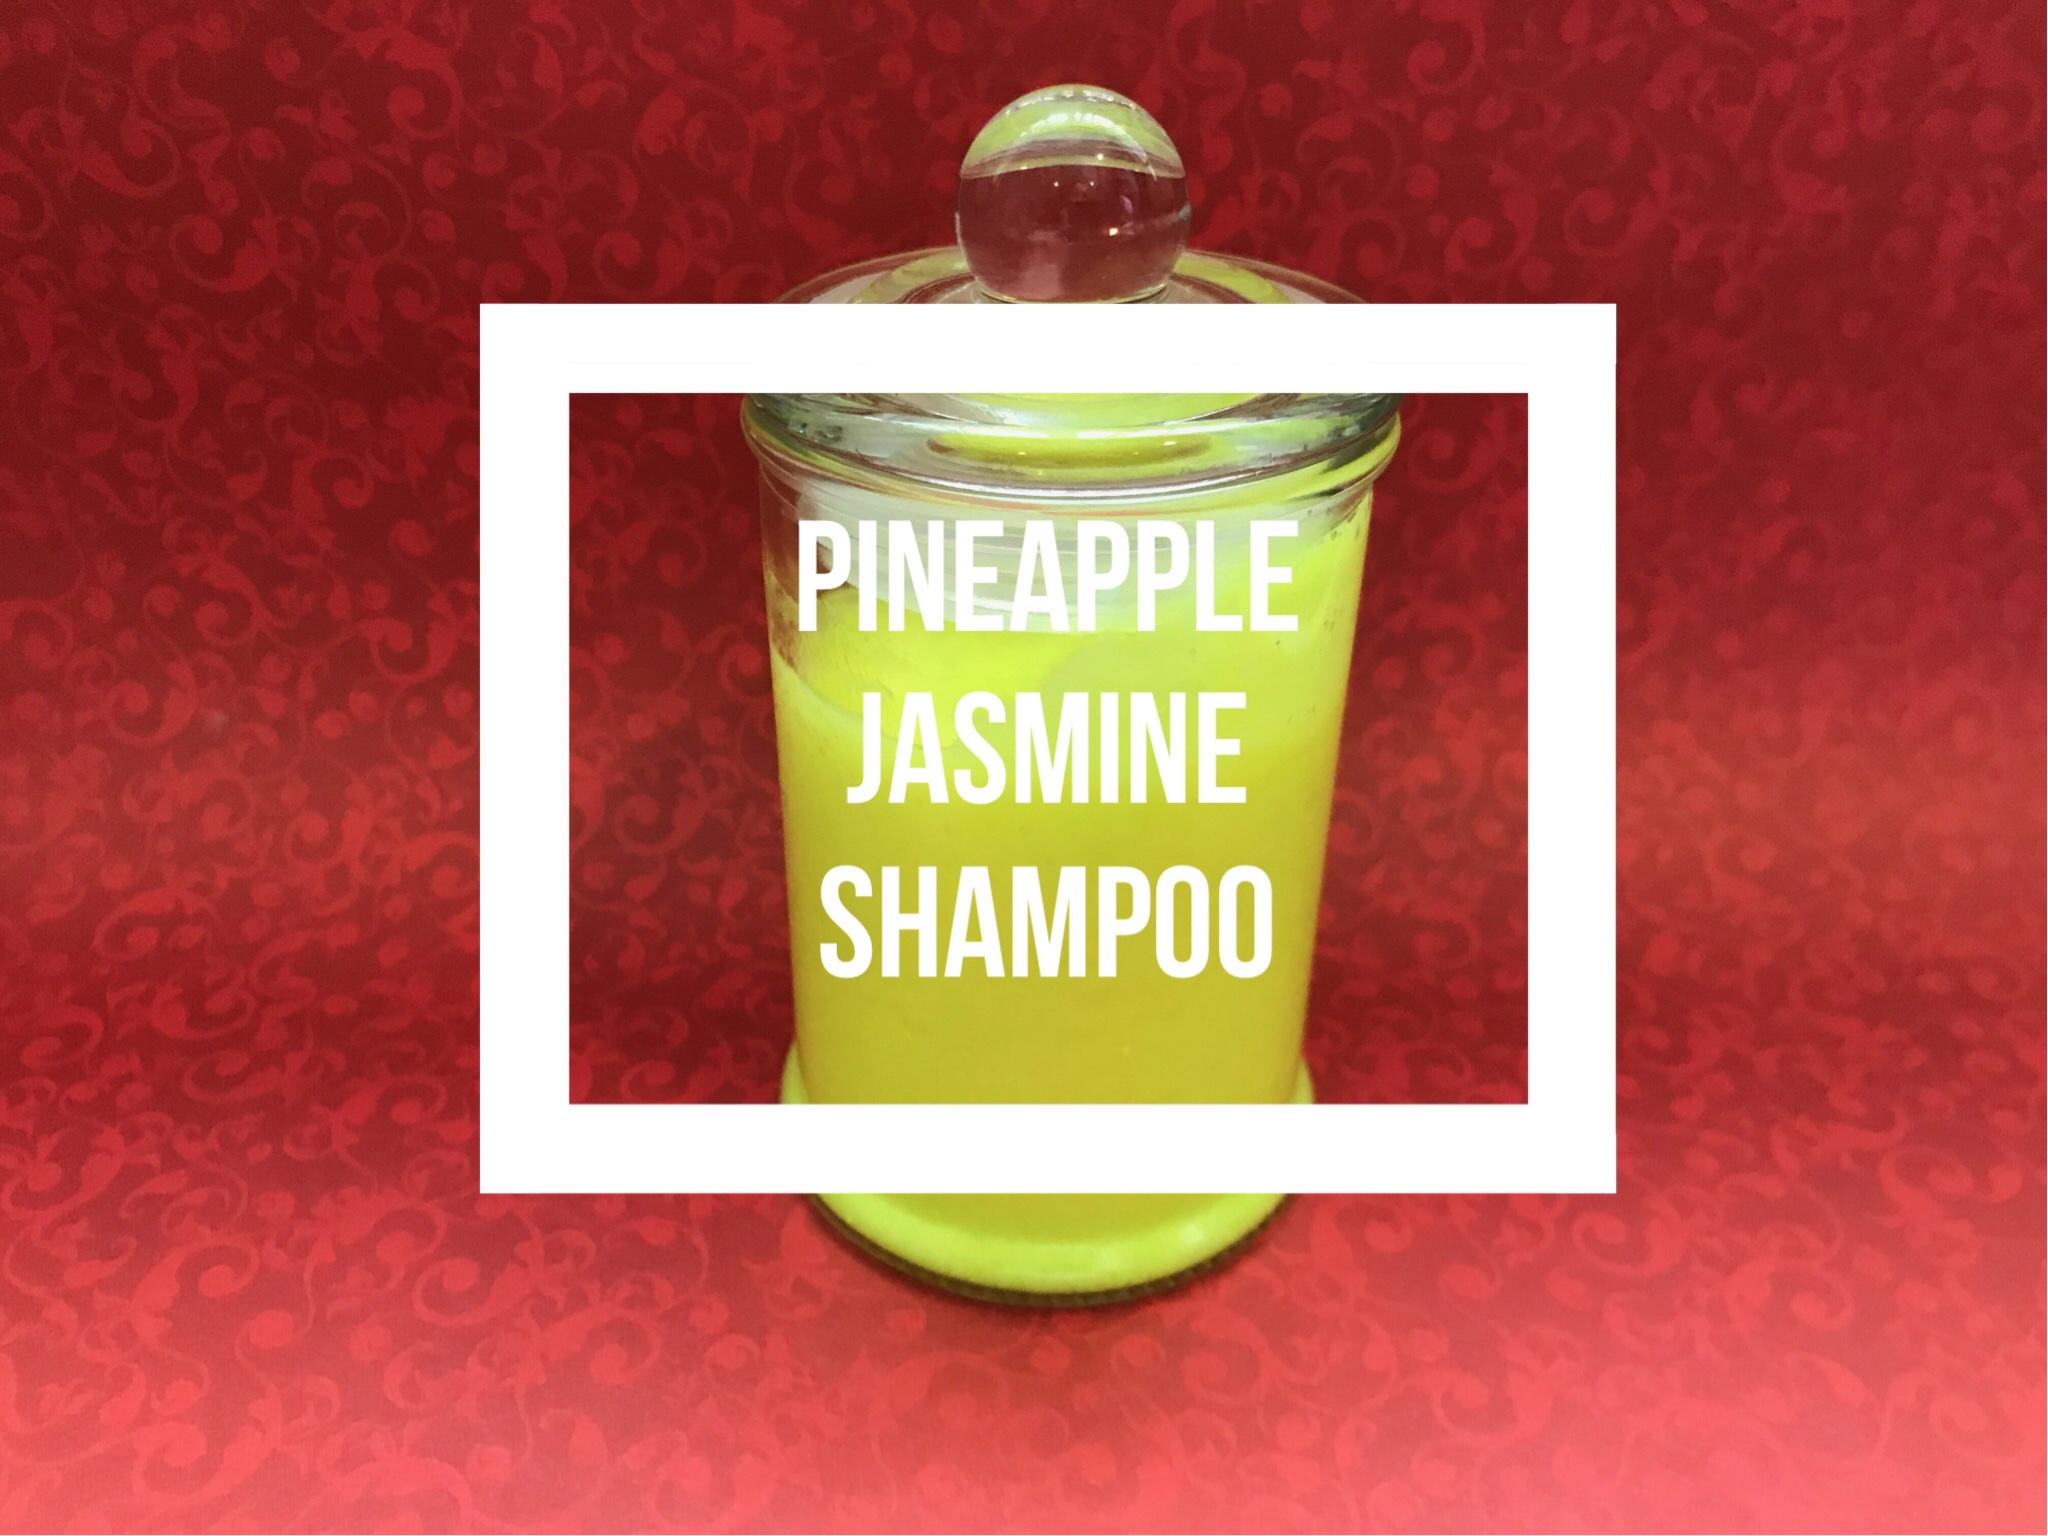 natural shampoo malaysia, Castile liquid soap malaysia, dr bronner malaysia, lush malaysia